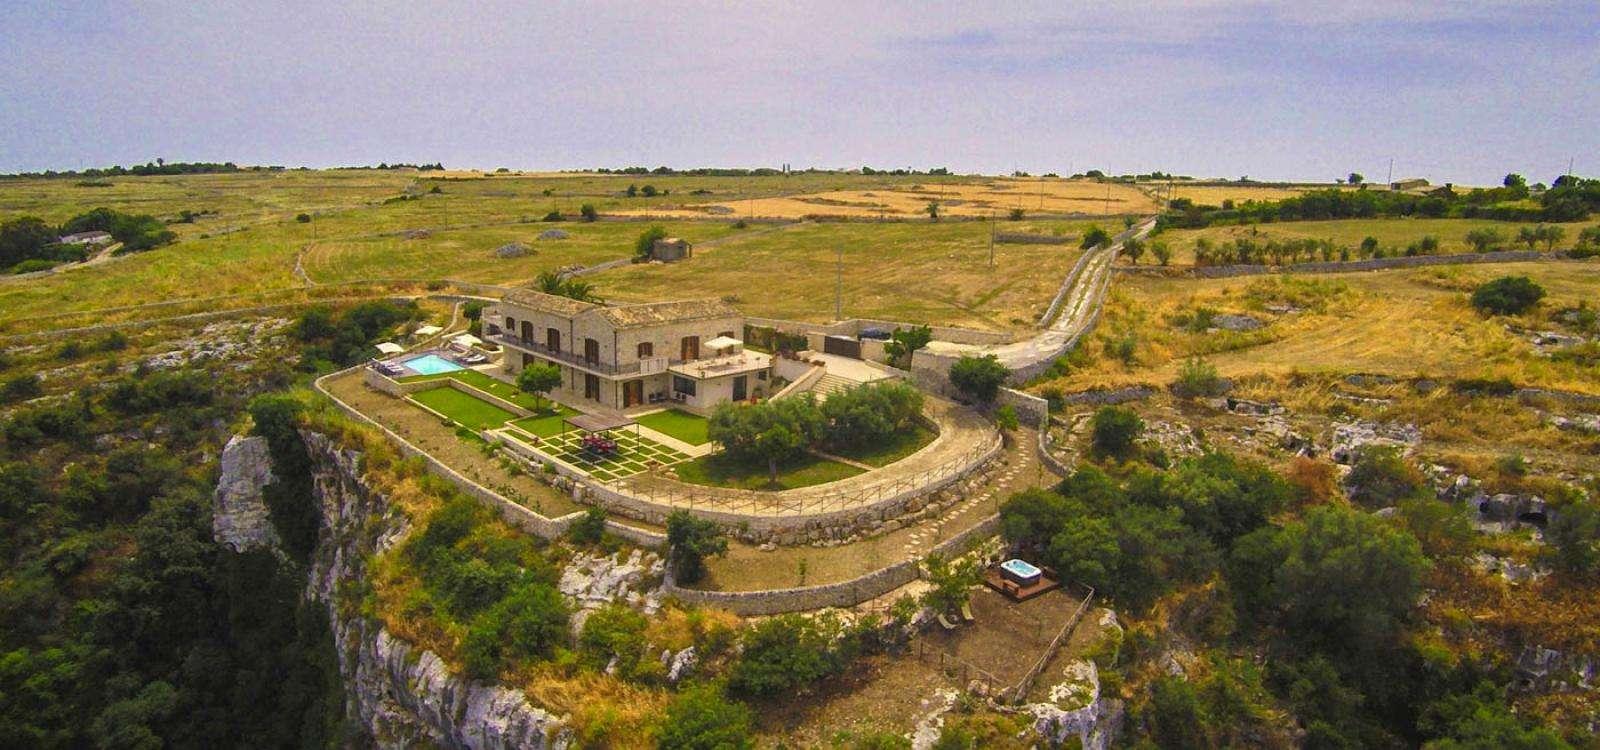 Luxury vacation rentals europe - Italy - Sicily - Modica - Olida - Image 1/16